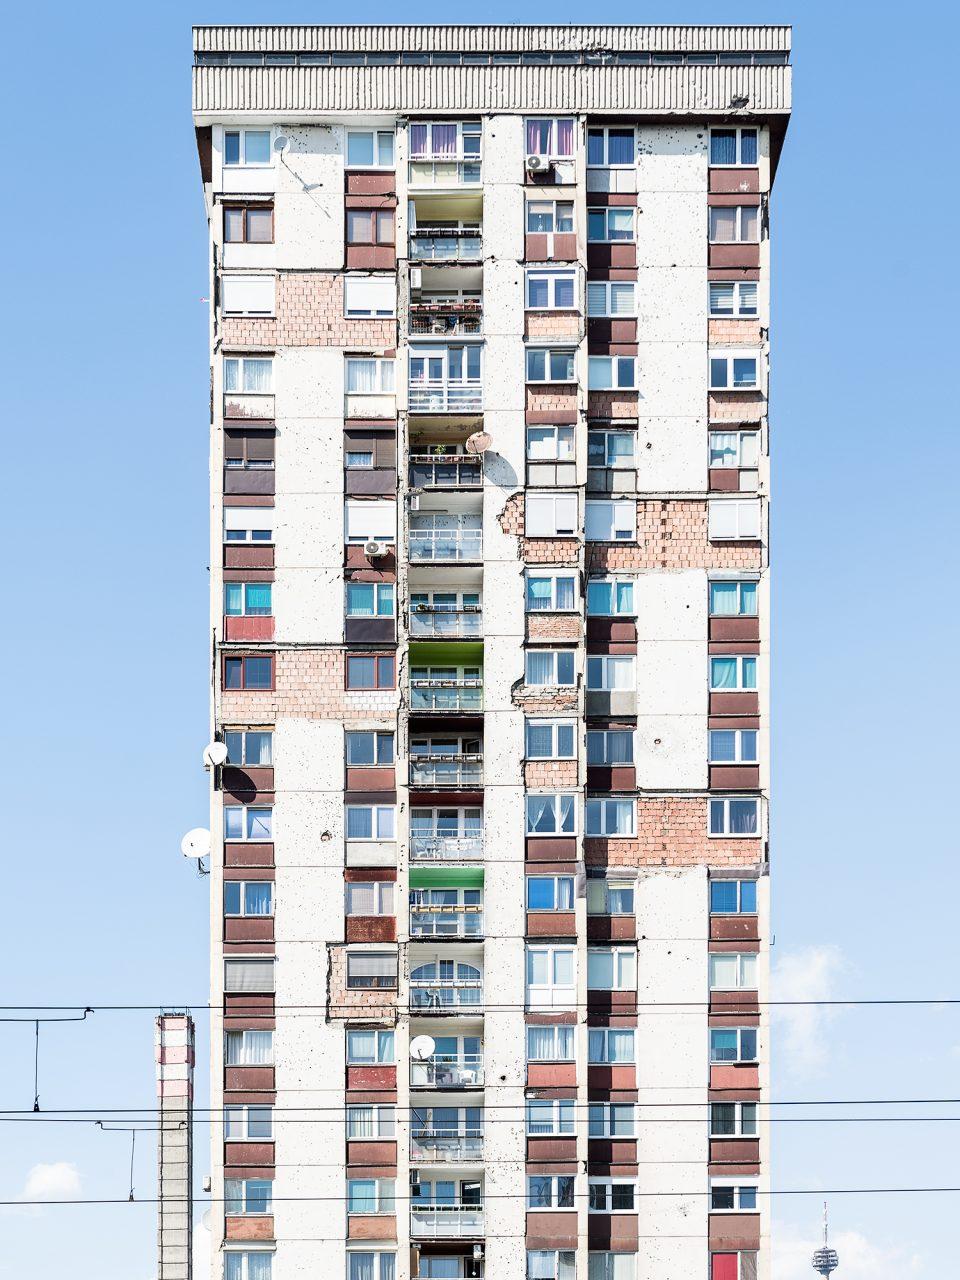 sarajevo_008_web